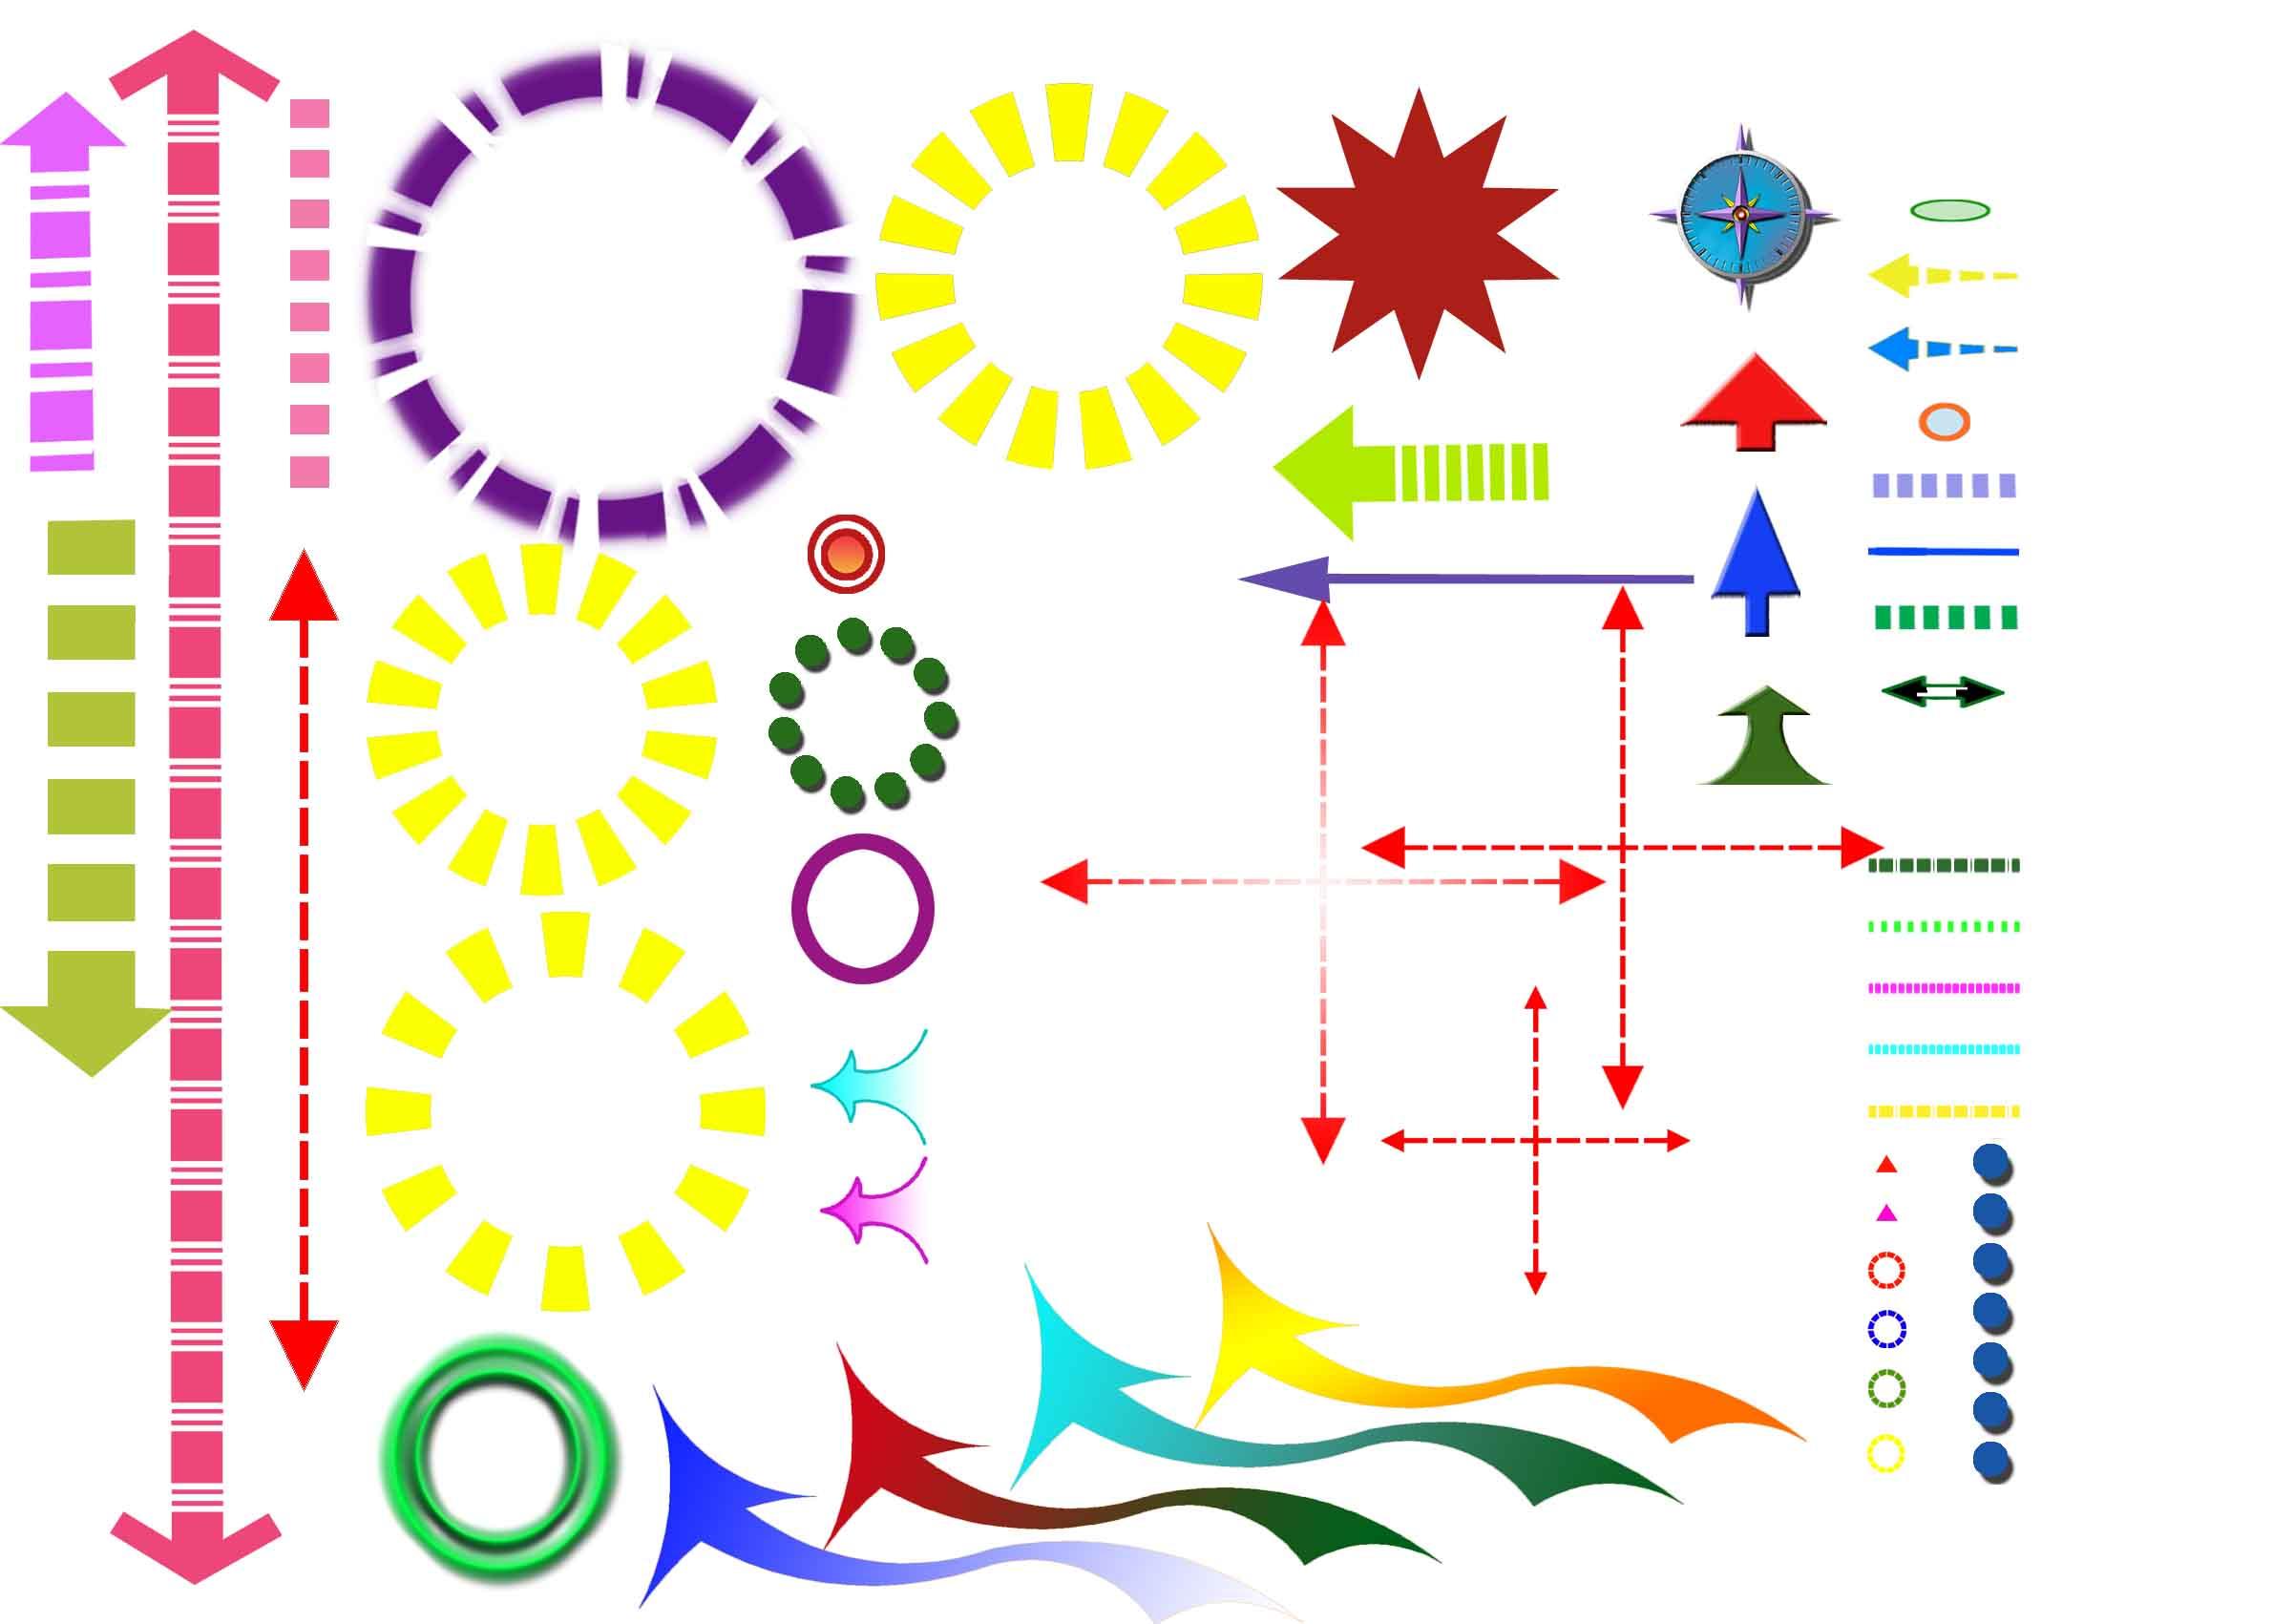 规划分析图标_下载-土木在线